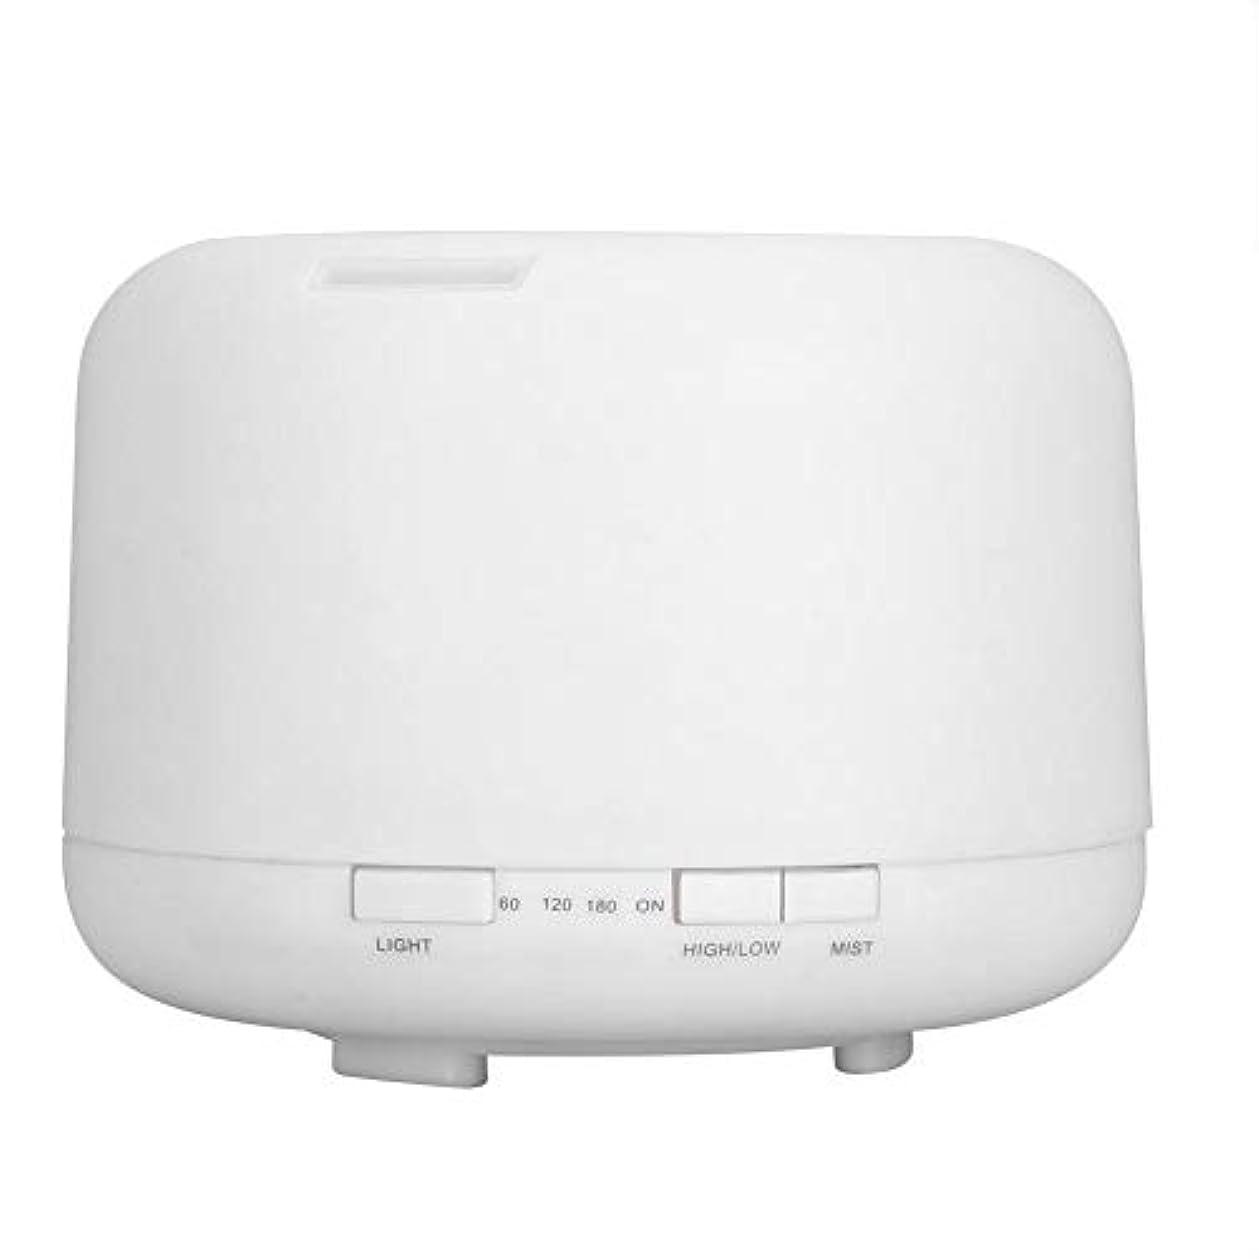 被害者空中しなやかなエッセンシャルオイルディフューザー、500 ml 7色LEDアロマセラピーディフューザーホーム/オフィス/赤ちゃん用超音波加湿器(US Plug)